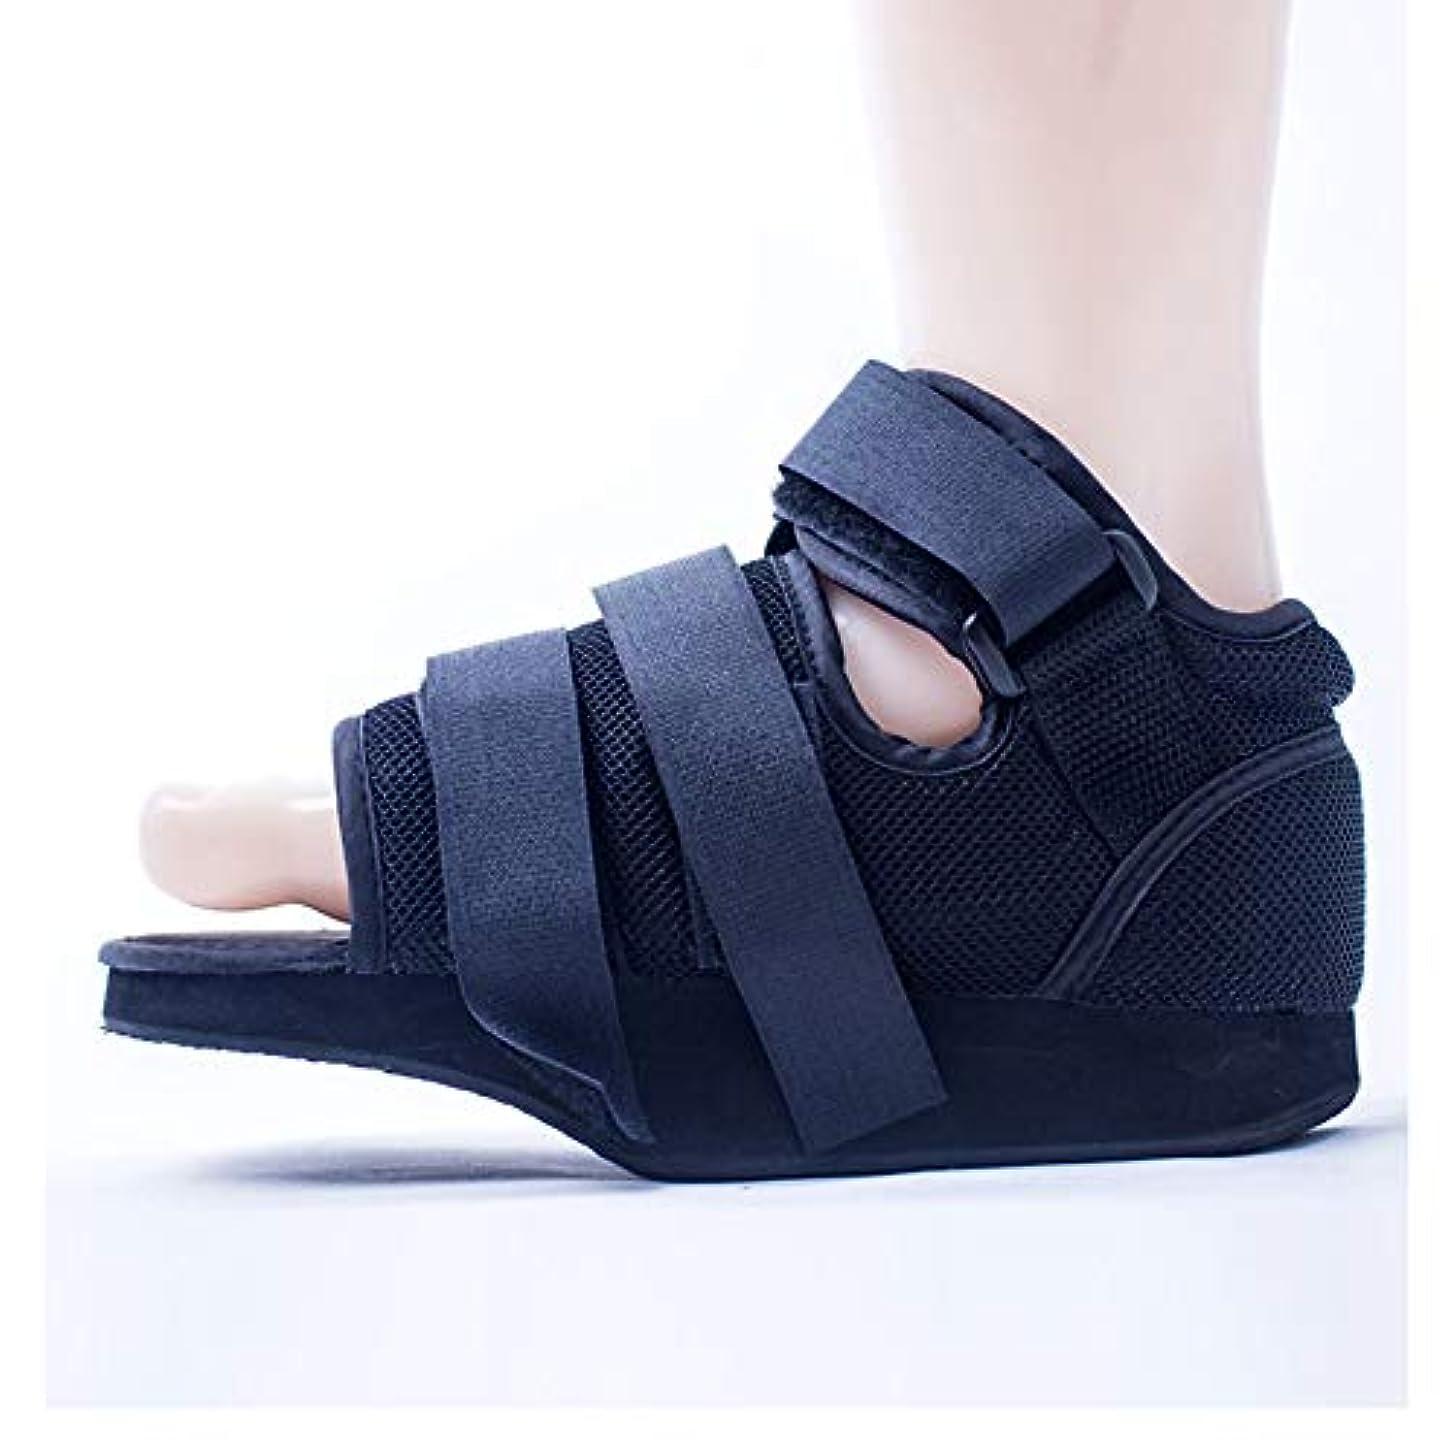 不満スロットブレーク壊れたつま先/足の骨折のための術後スクエアトゥウォーキングシューズ - ボトムキャストシューズ術後の靴 - 調節可能な医療ウォーキングブーツ (Size : L)